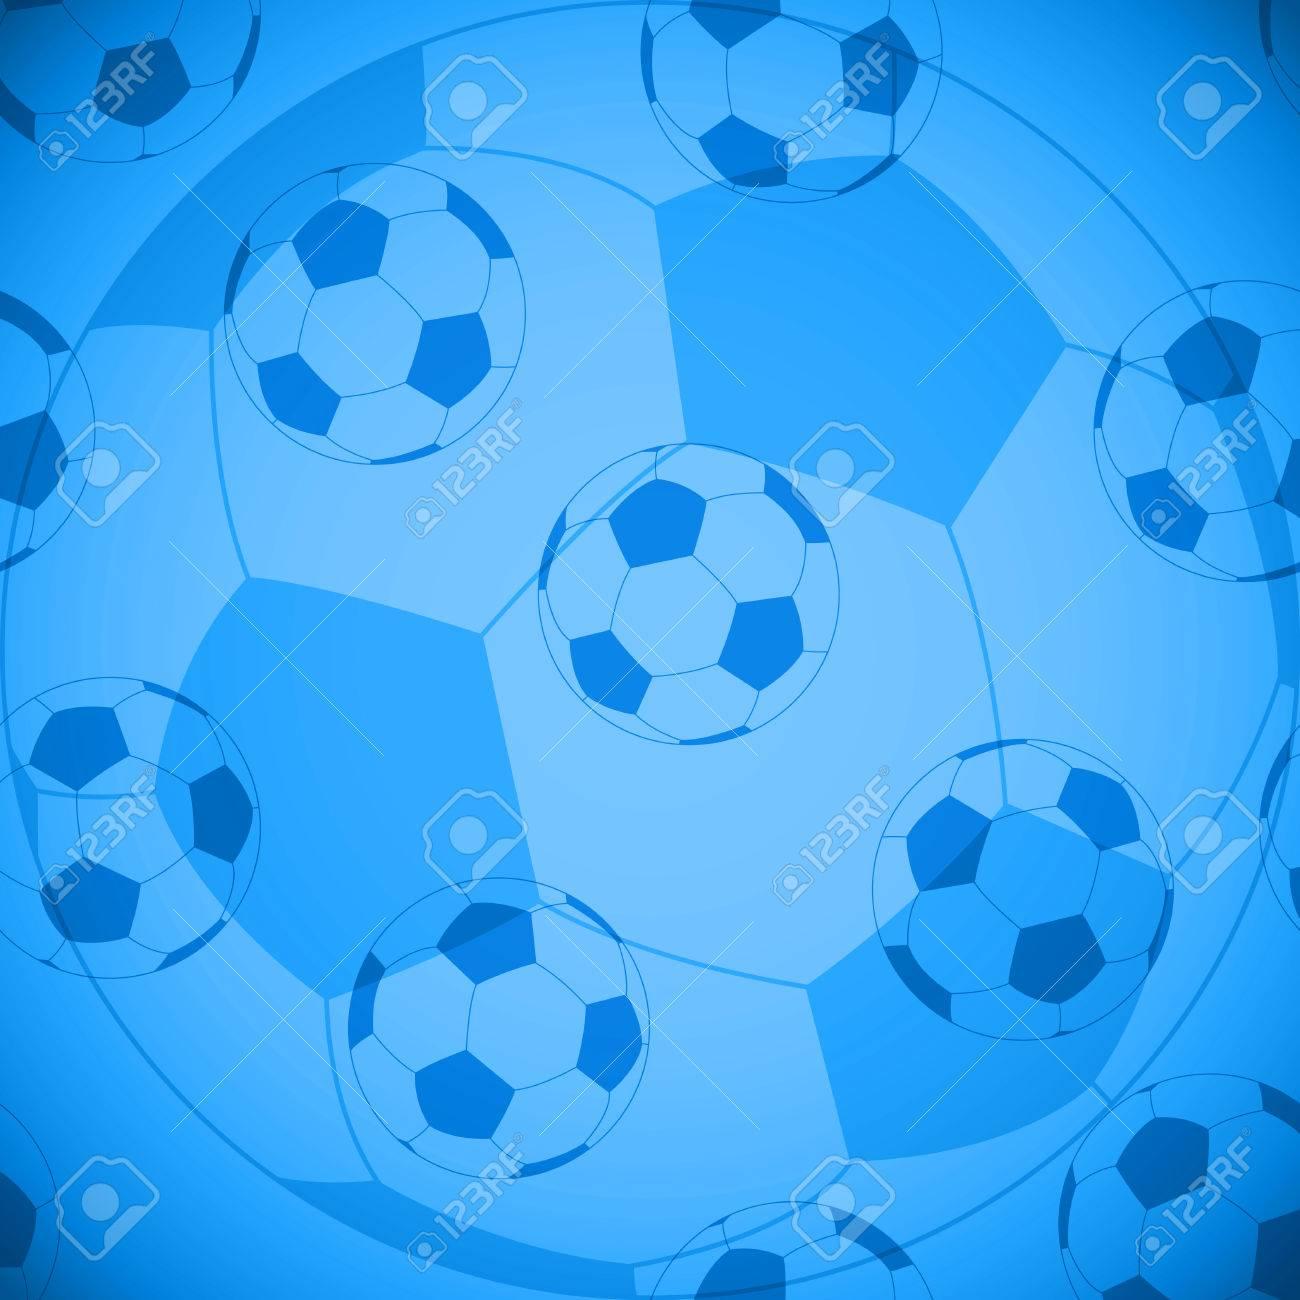 Sport 2014 Fussball Wallpaper Blauer Hintergrund Nahtlose